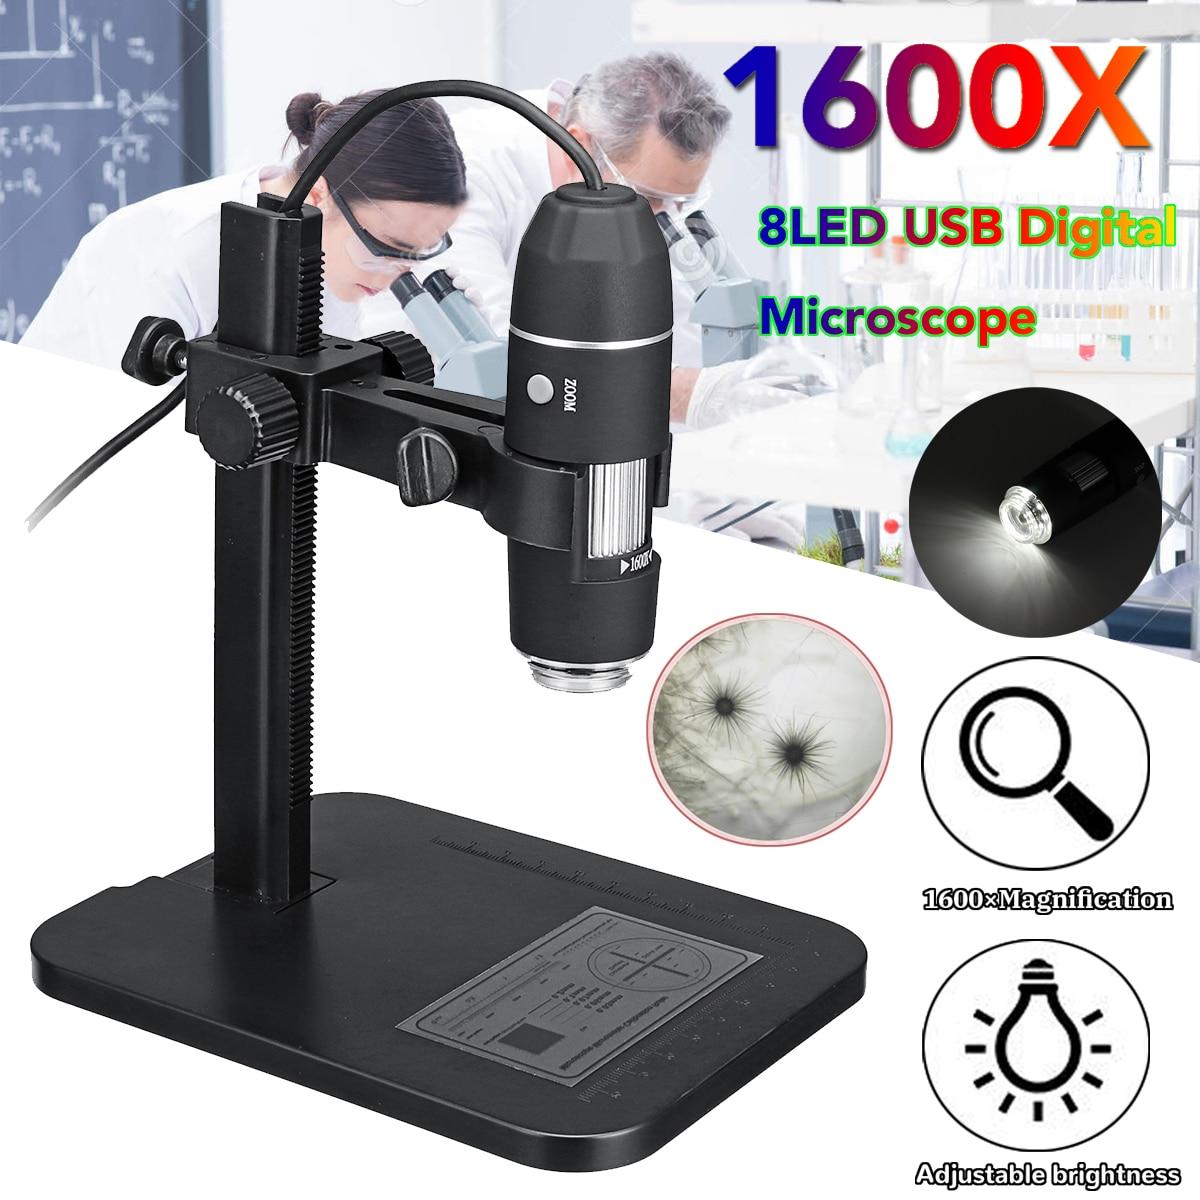 1600X 8LED microscopio USB Digital de microscopio de electrones con regla de medición soporte